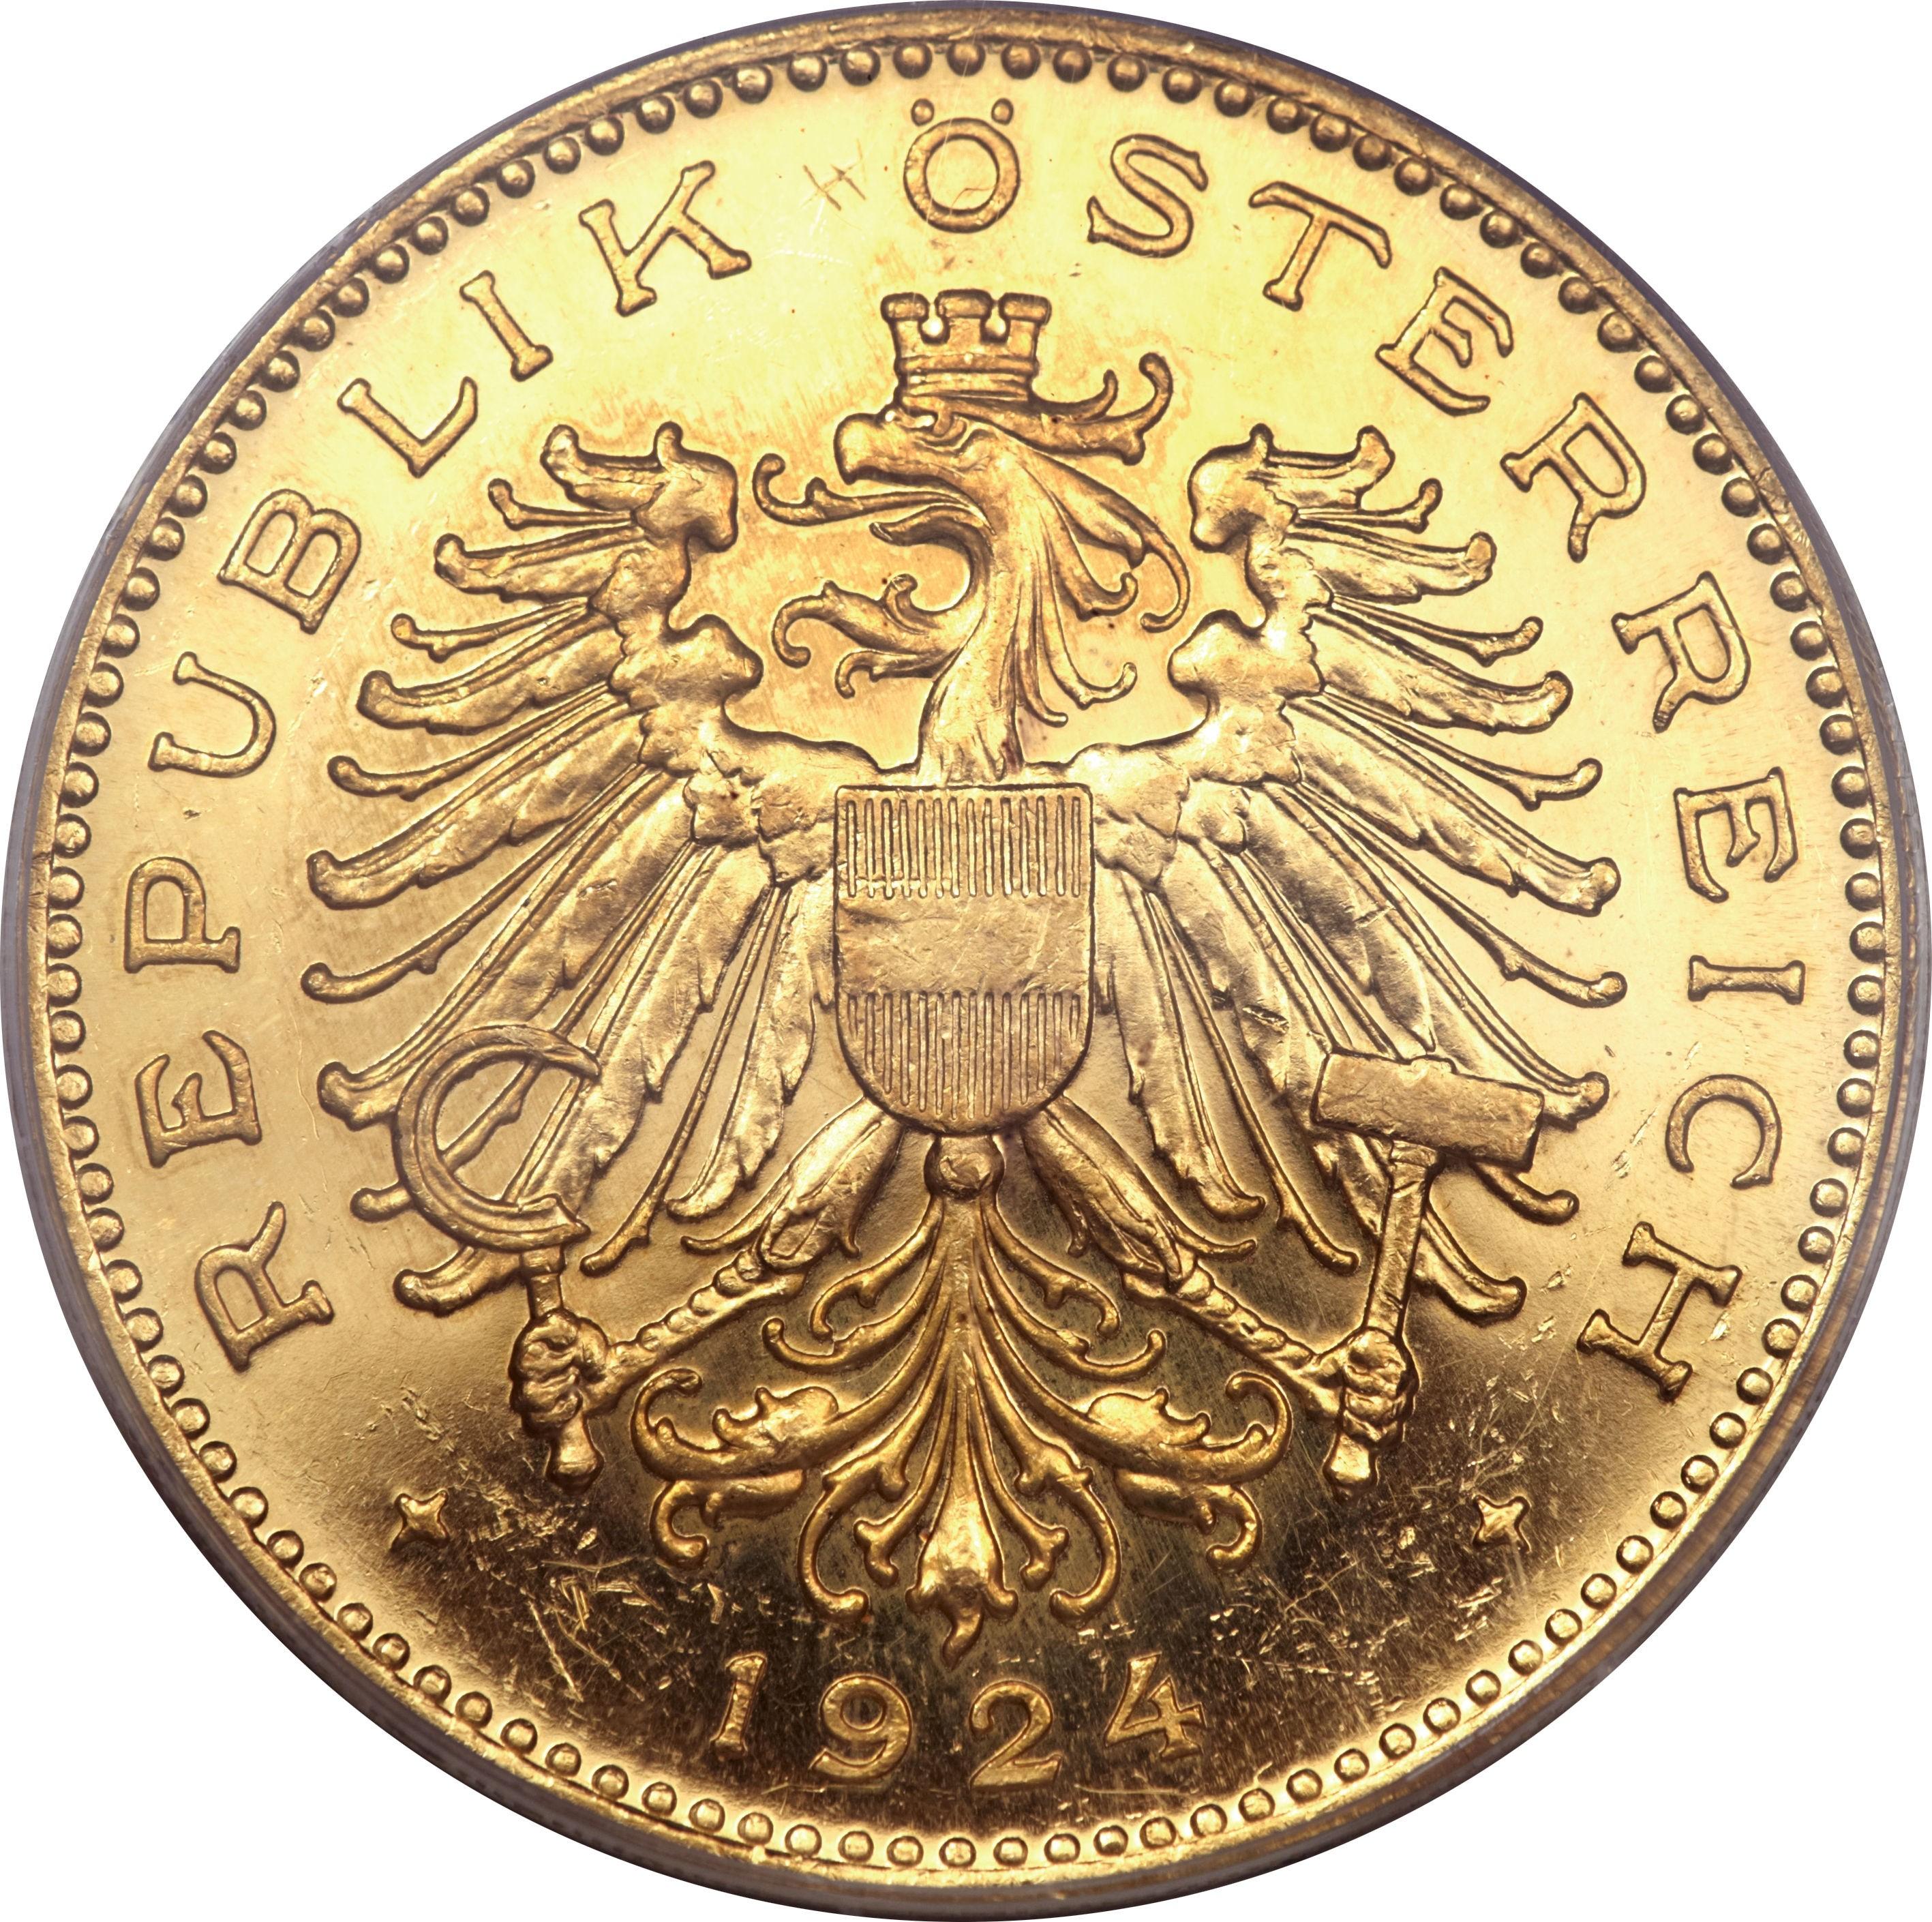 Austria 100 Kronen (1923-1924)